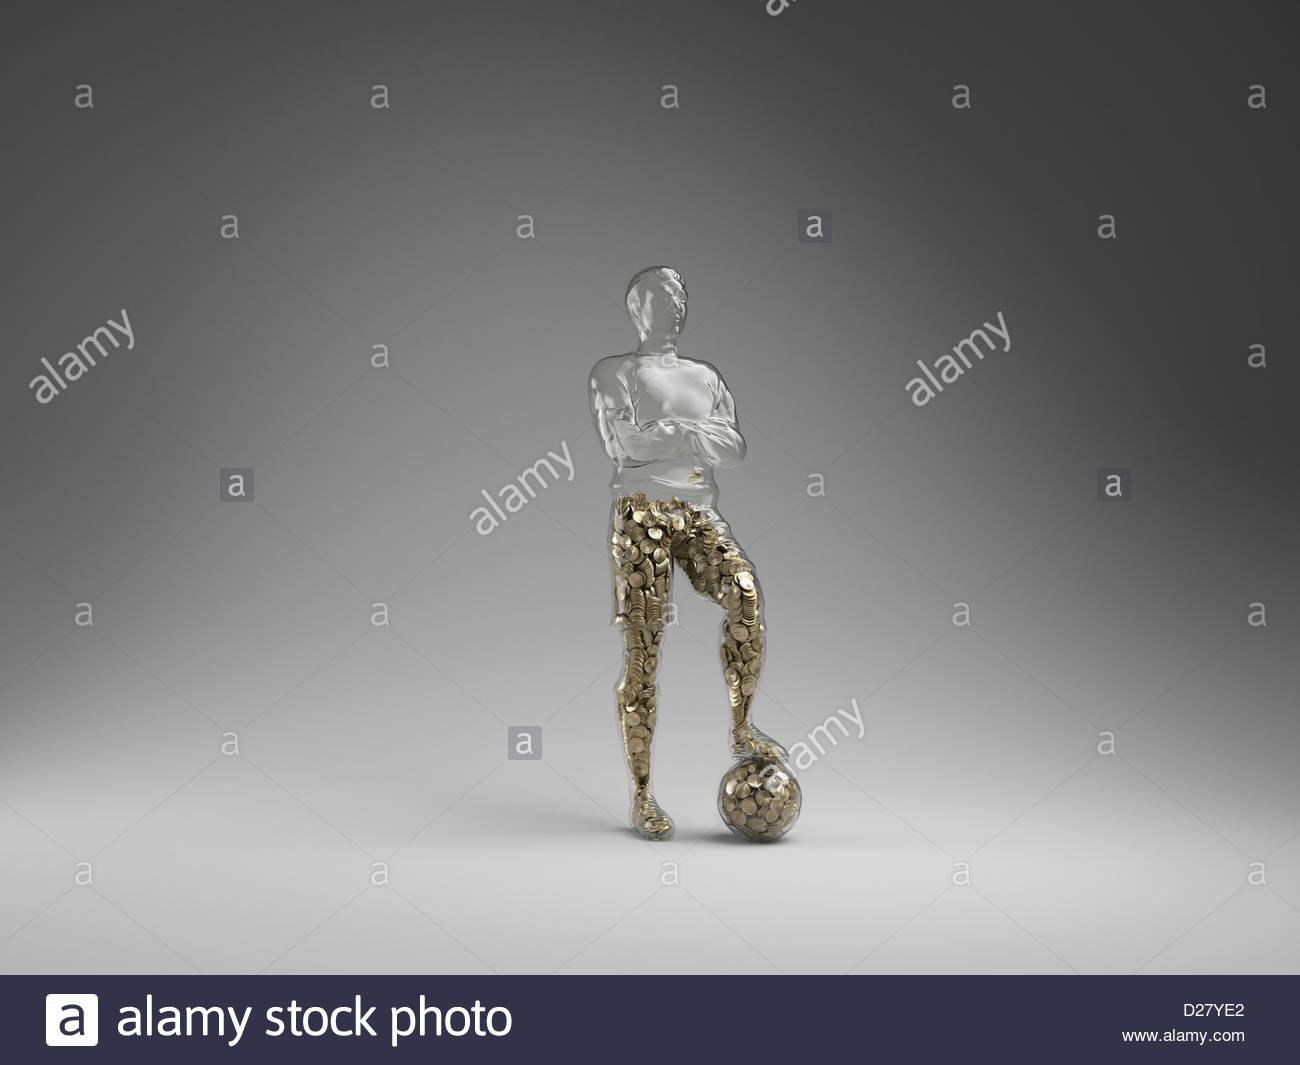 Moedas de enchimento metade do jogador de futebol oco Imagens de Stock